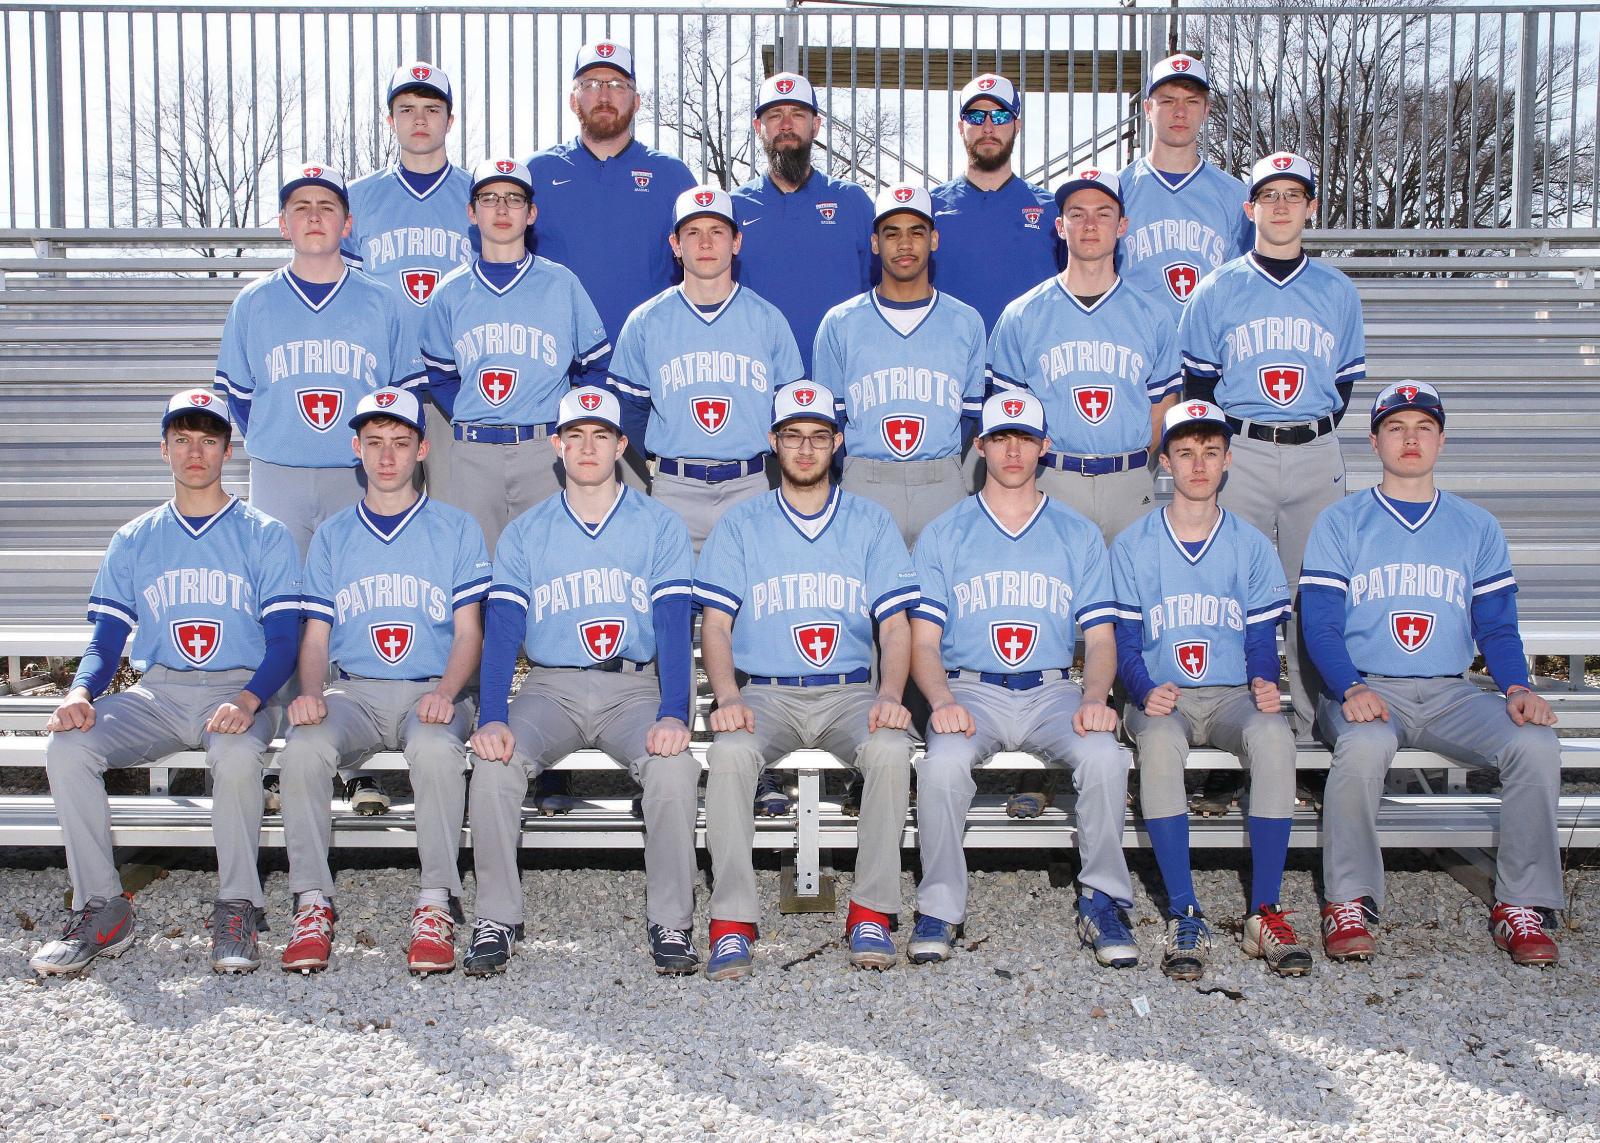 D3/D4 All Lorain County Baseball Awards Announced